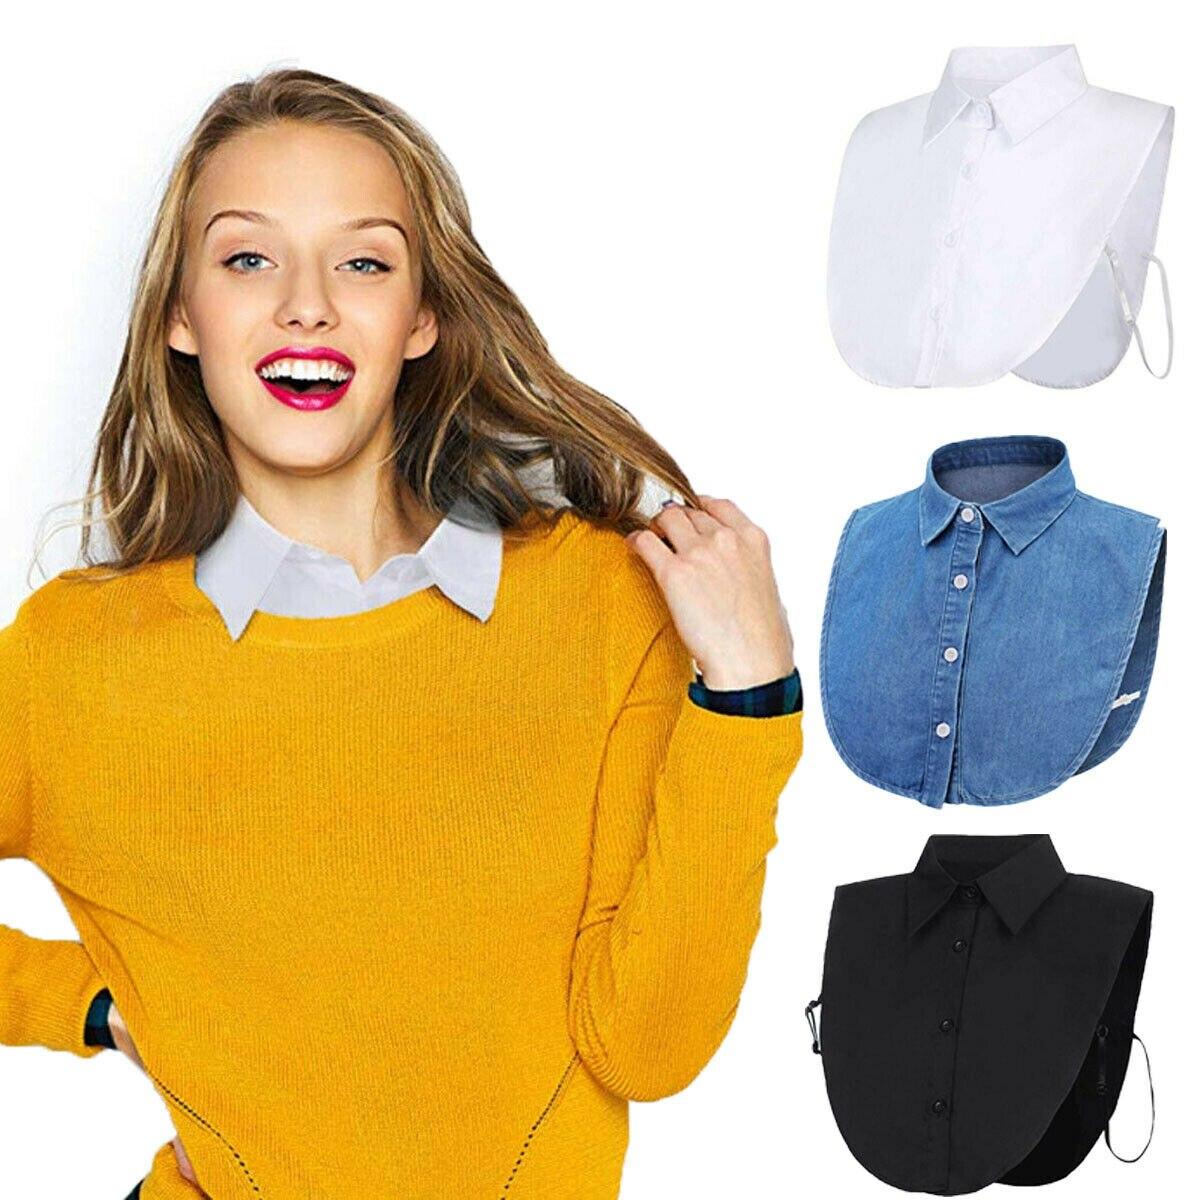 Mujeres señoras falsa solapa media camisa estilo blusa desmontable extraíble cuello Unisex hombres mujeres accesorios cuello decoración Polyes